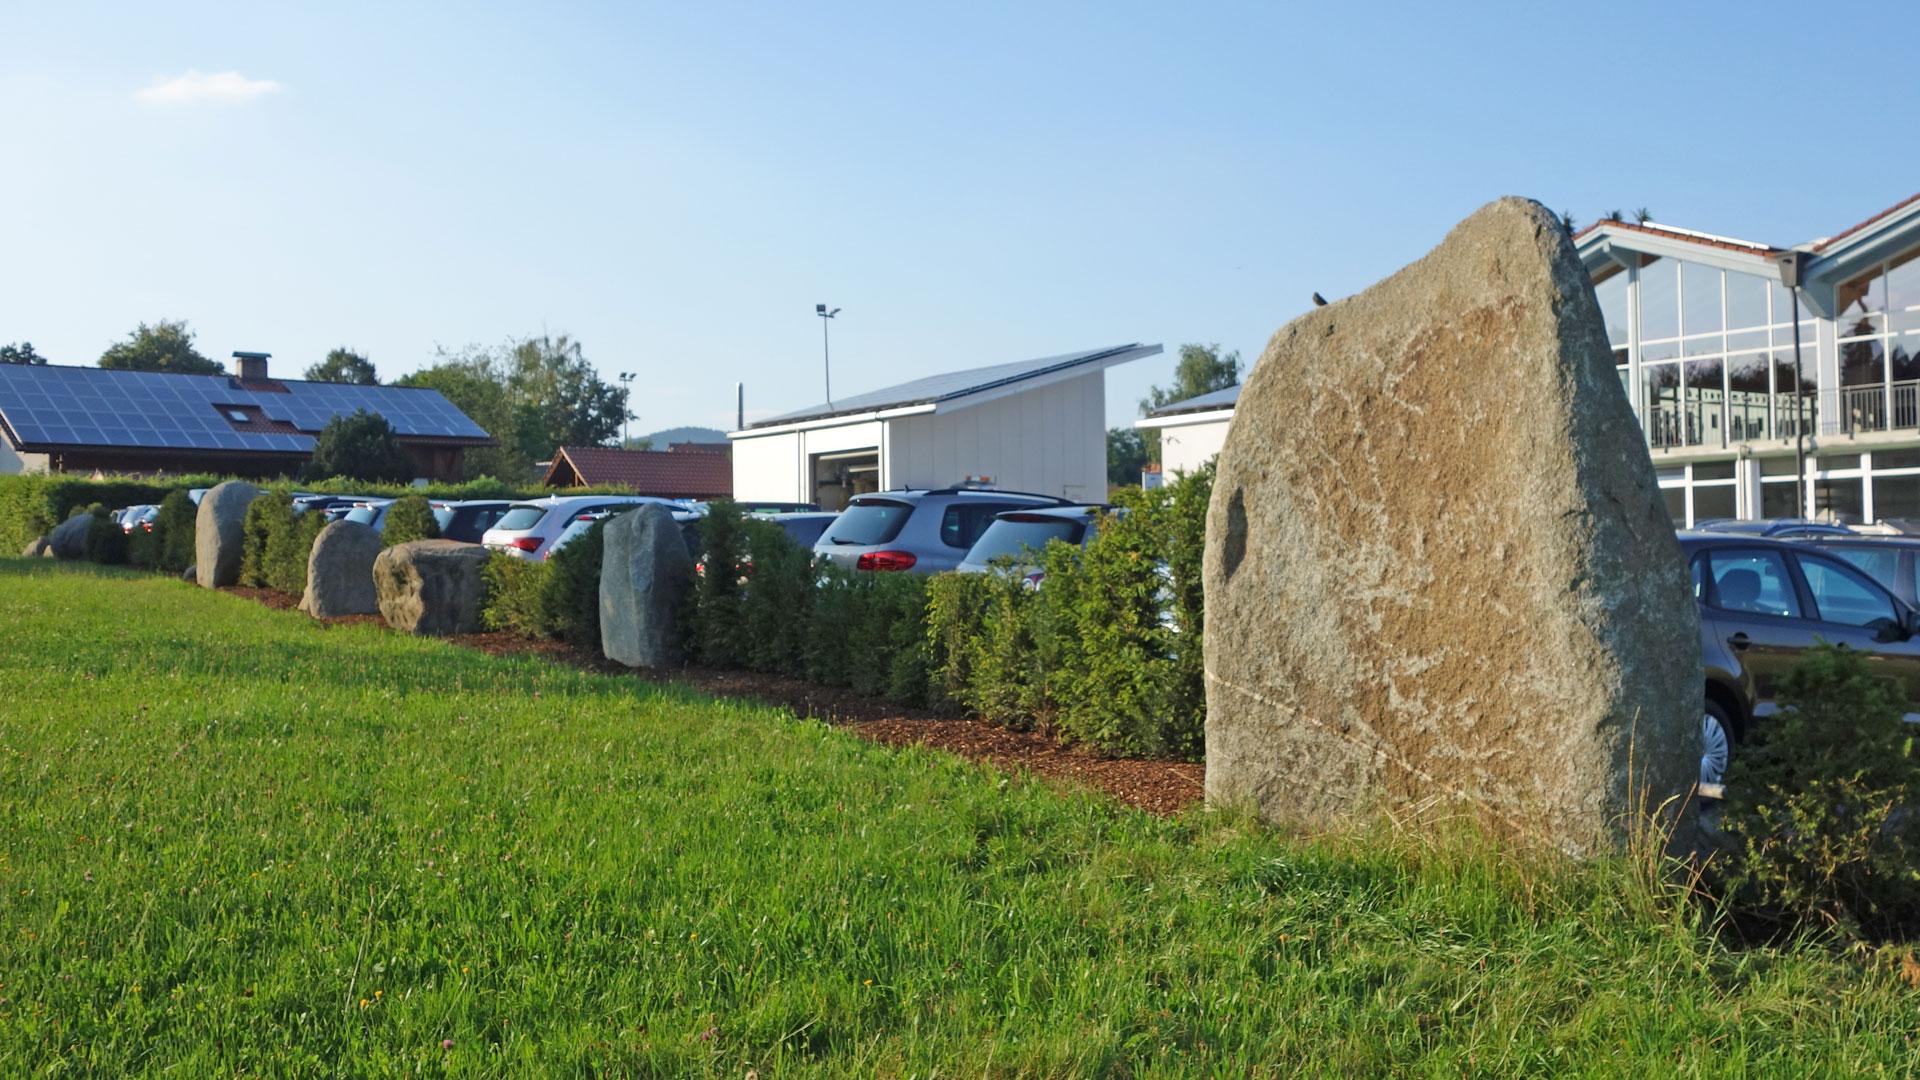 Steinsetzung im Außenbereich eines Autohauses durch das Architekturbüro atelier8 in Frankfurt